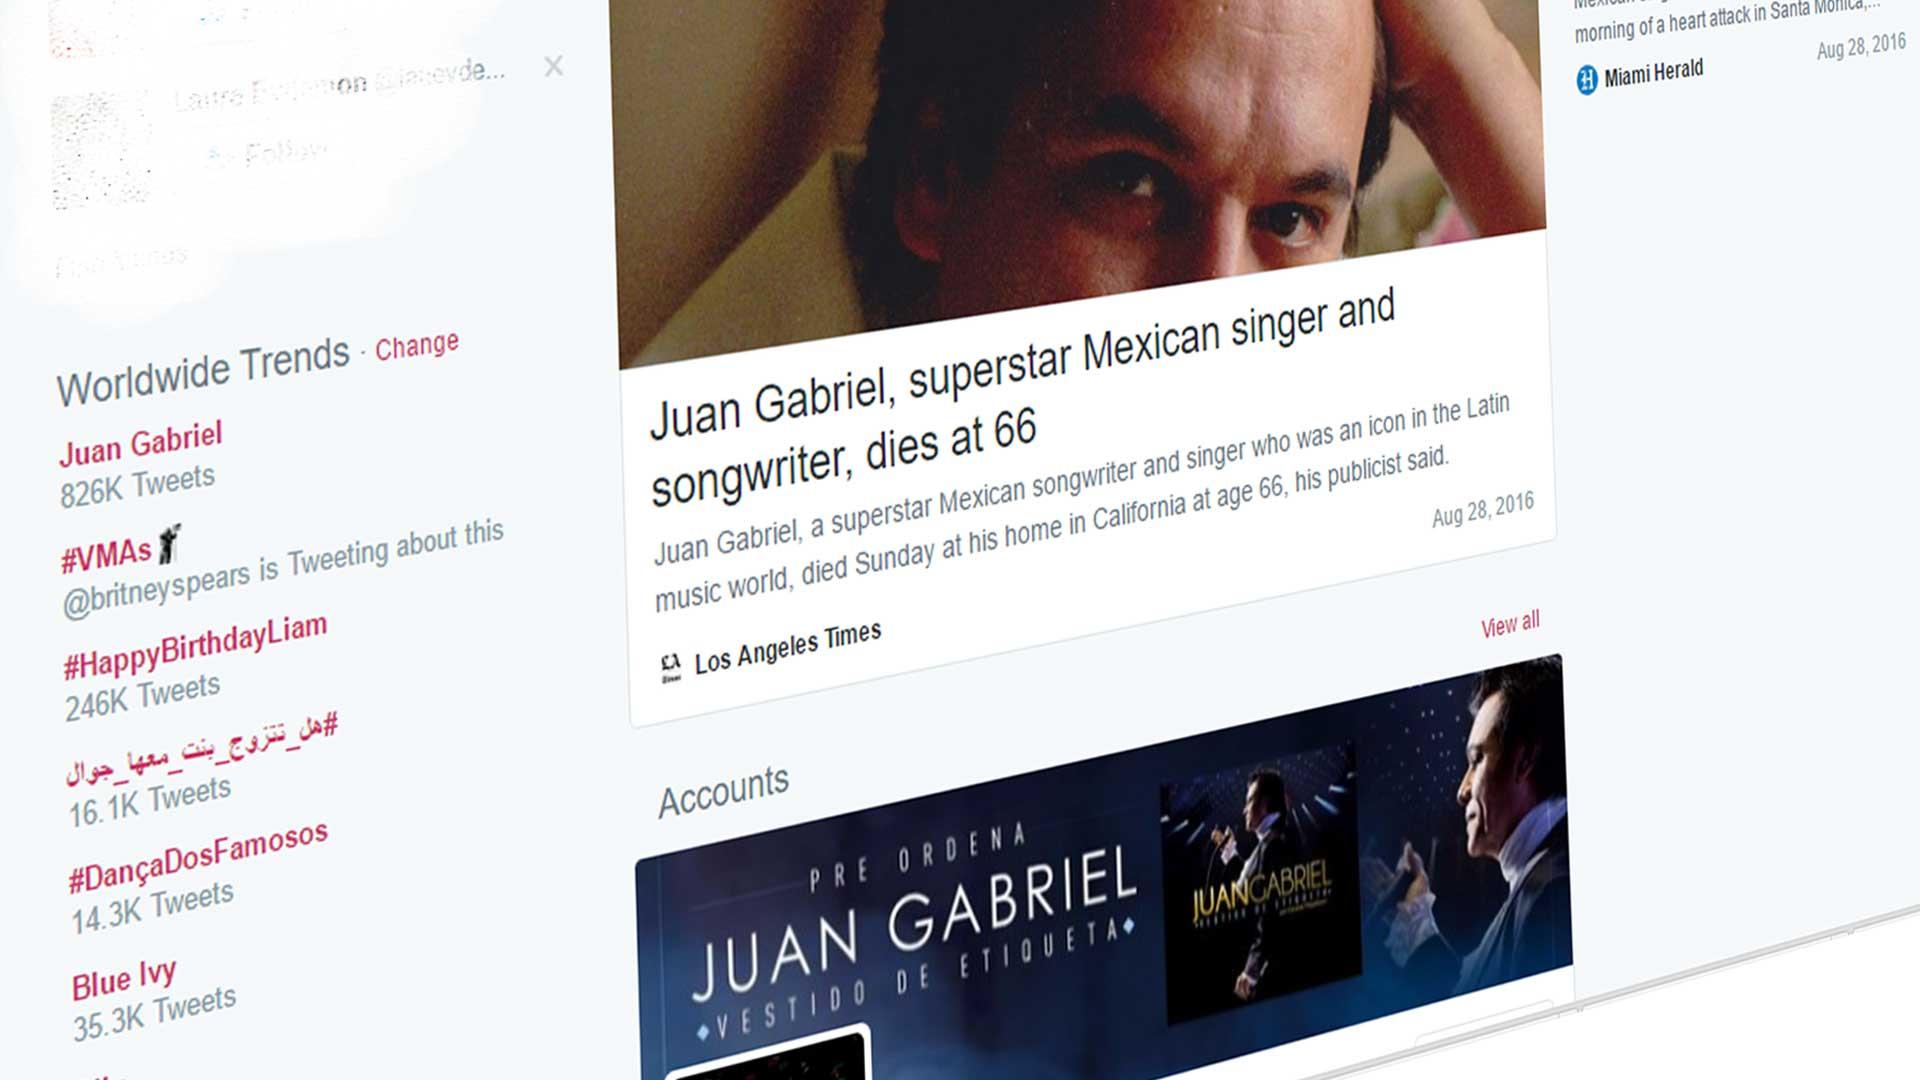 El Anuncio De La Muerte De Juan Gabriel En Las Redes